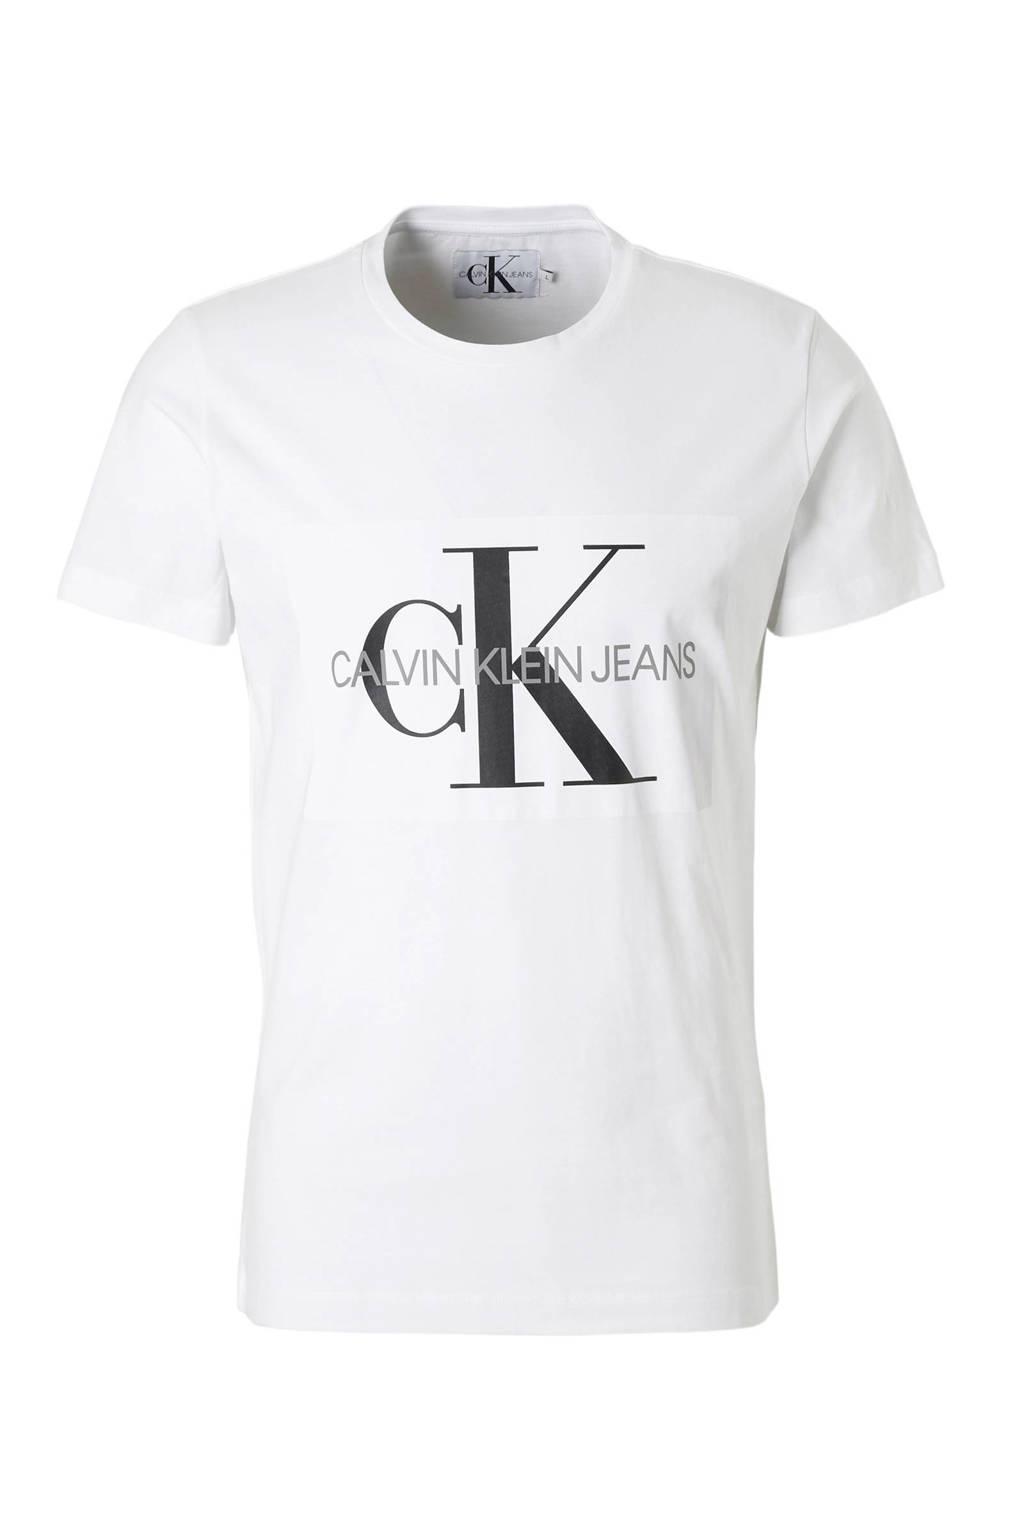 Calvin Klein Jeans T-shirt, Wit/zwart